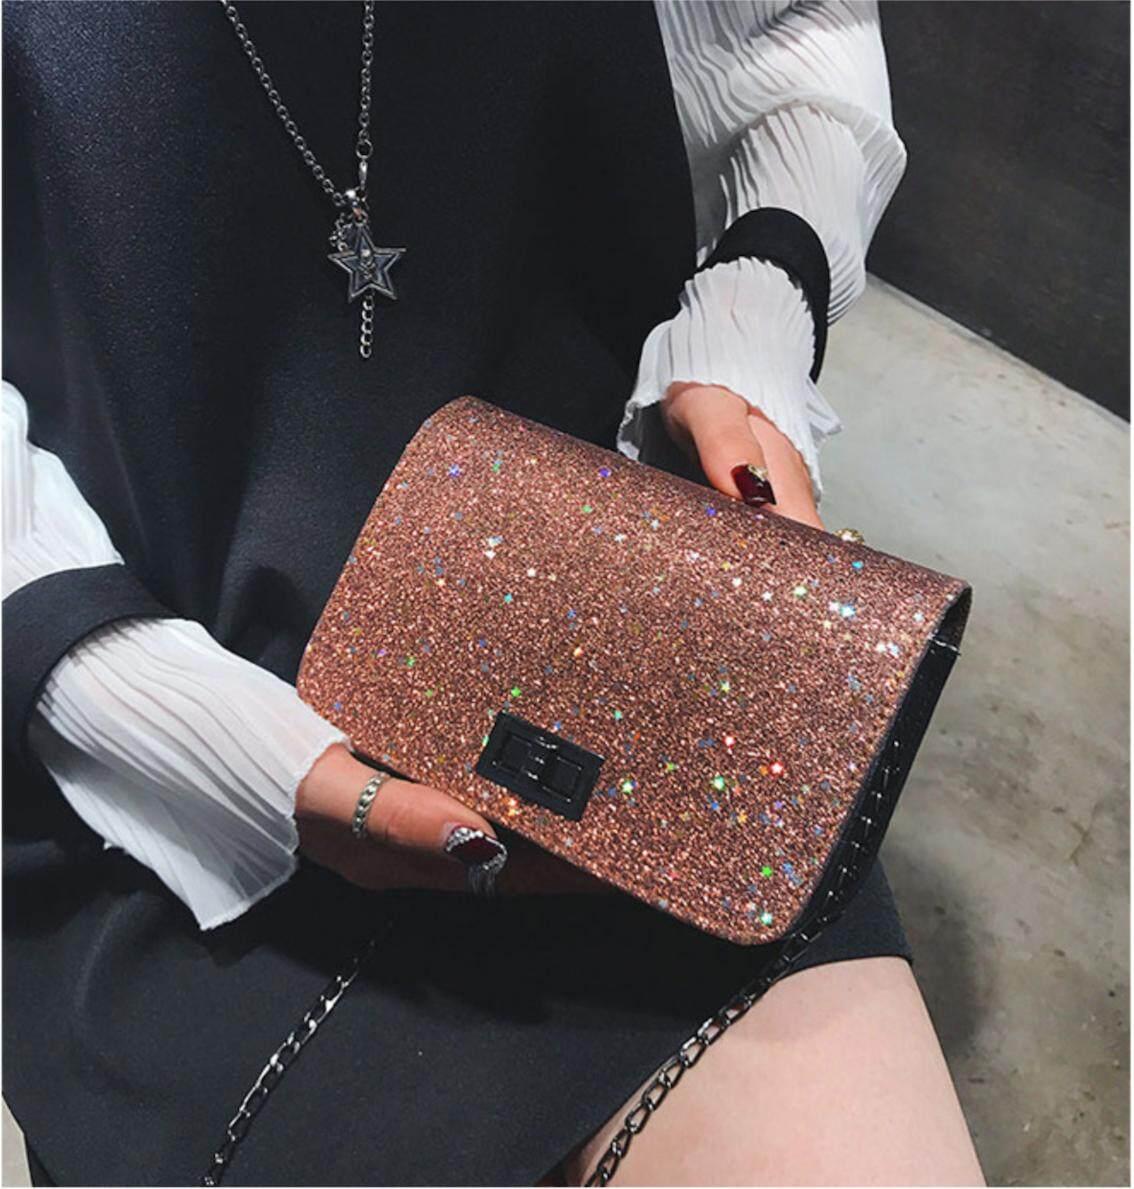 กระเป๋าถือ นักเรียน ผู้หญิง วัยรุ่น สุรินทร์ กระเป๋า Crossbody